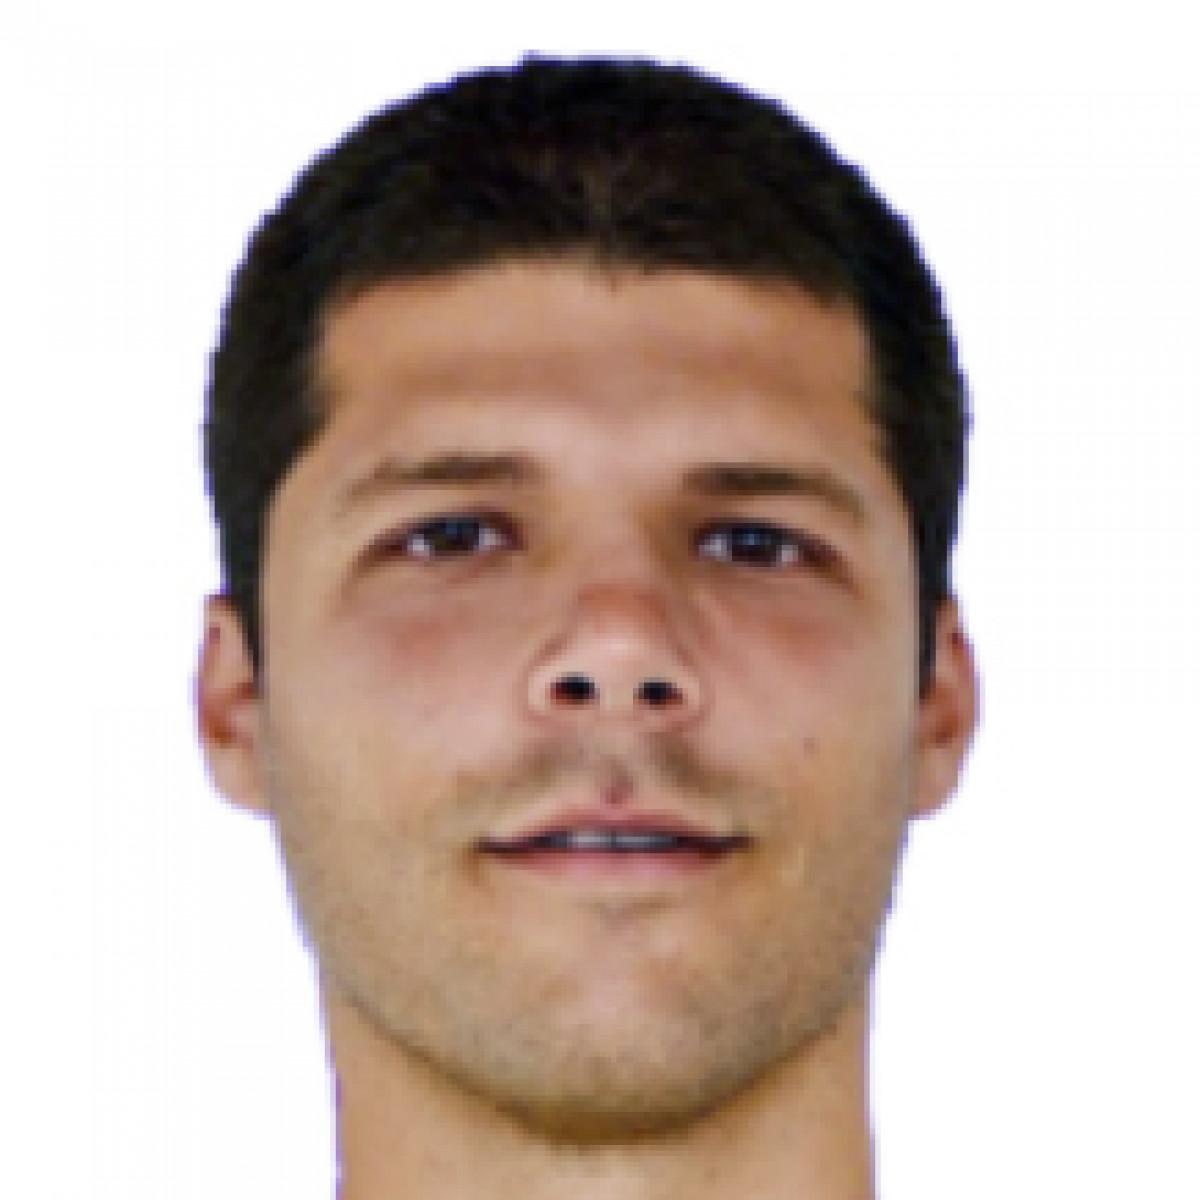 Juraj Boras